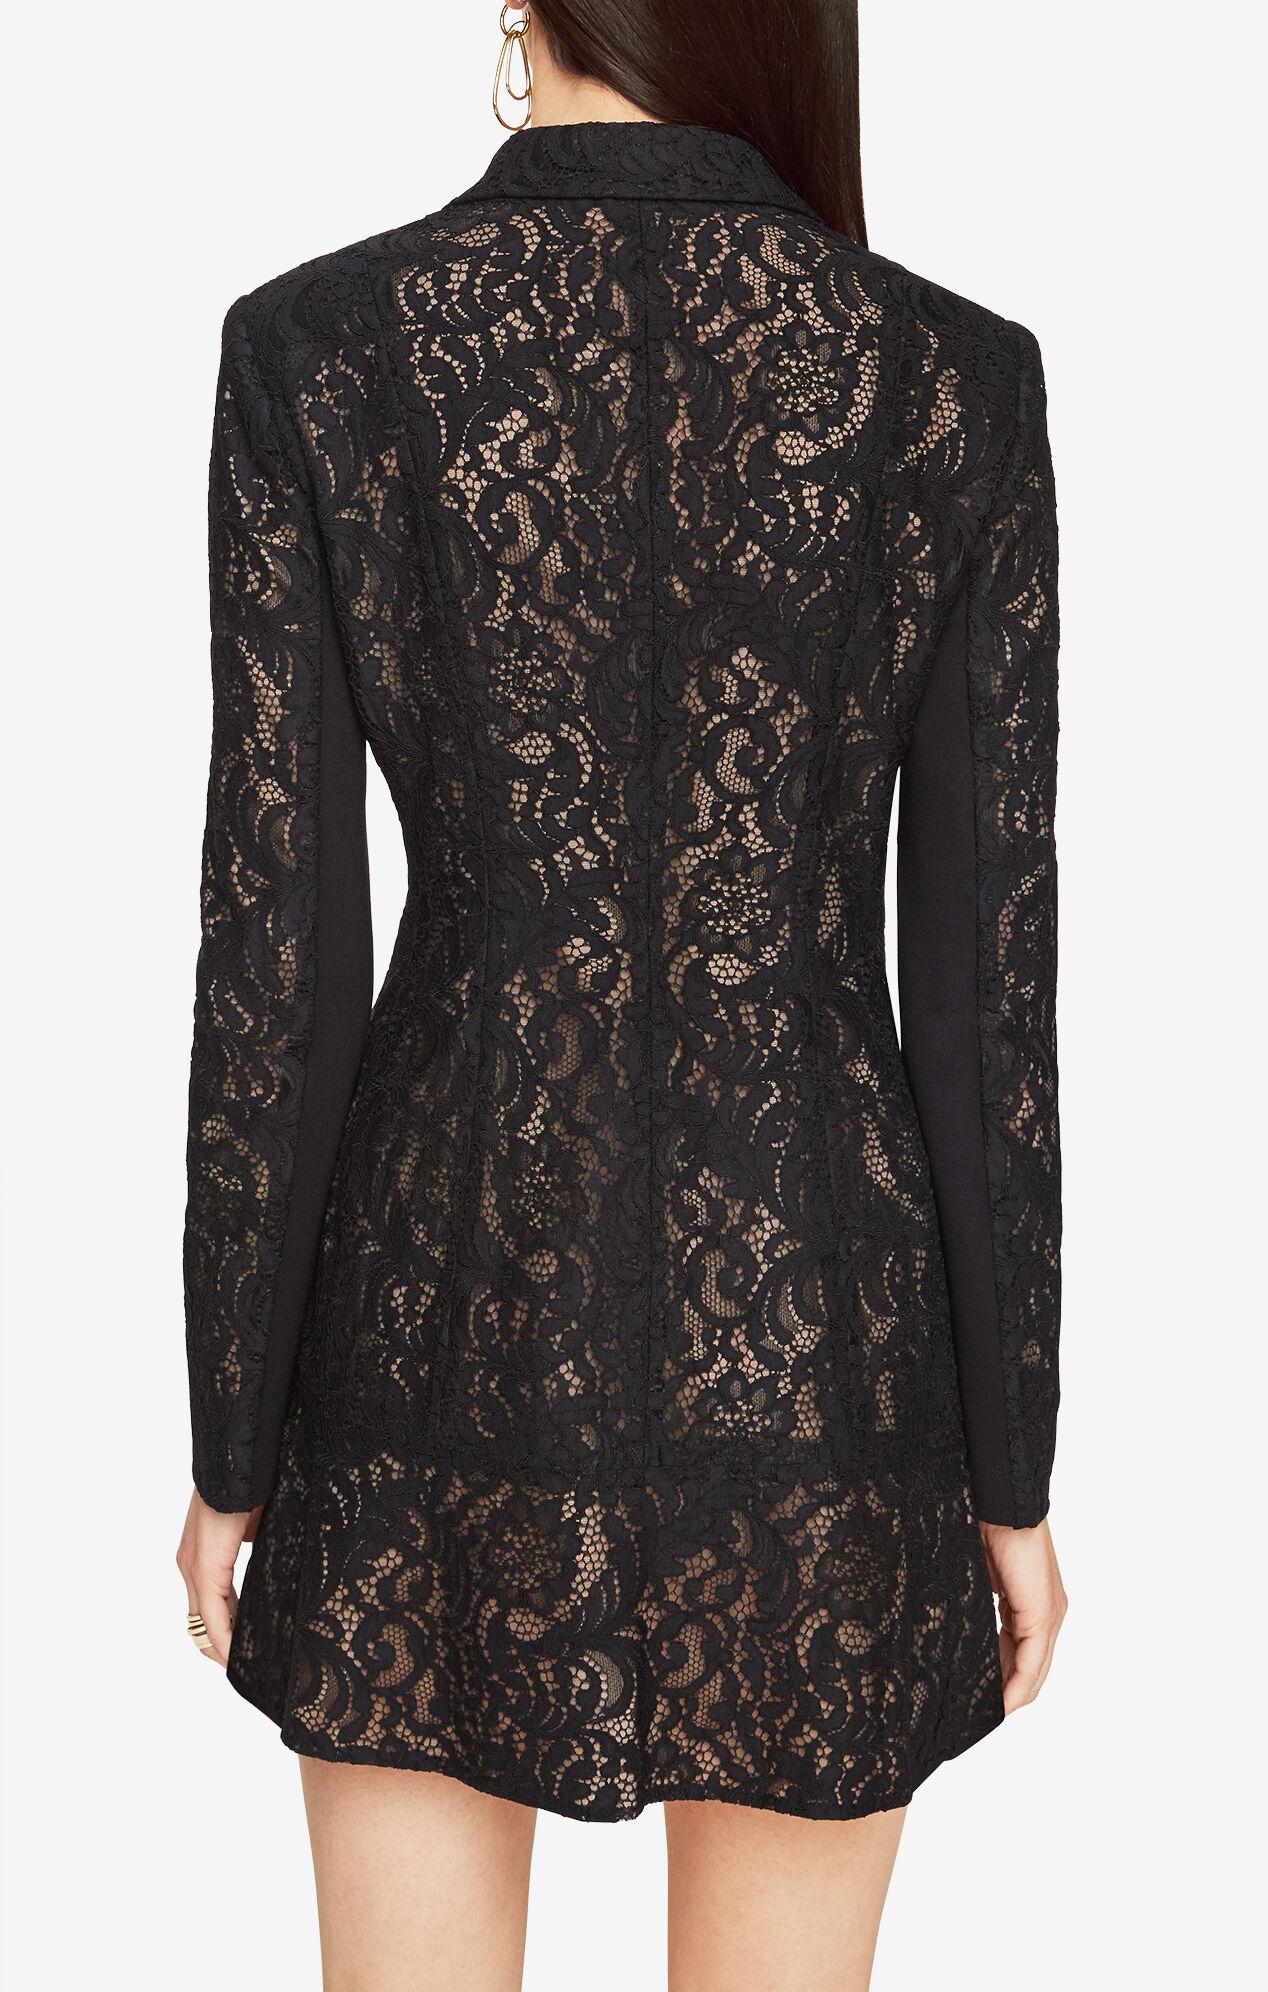 Aryn Lace Jacket Dress